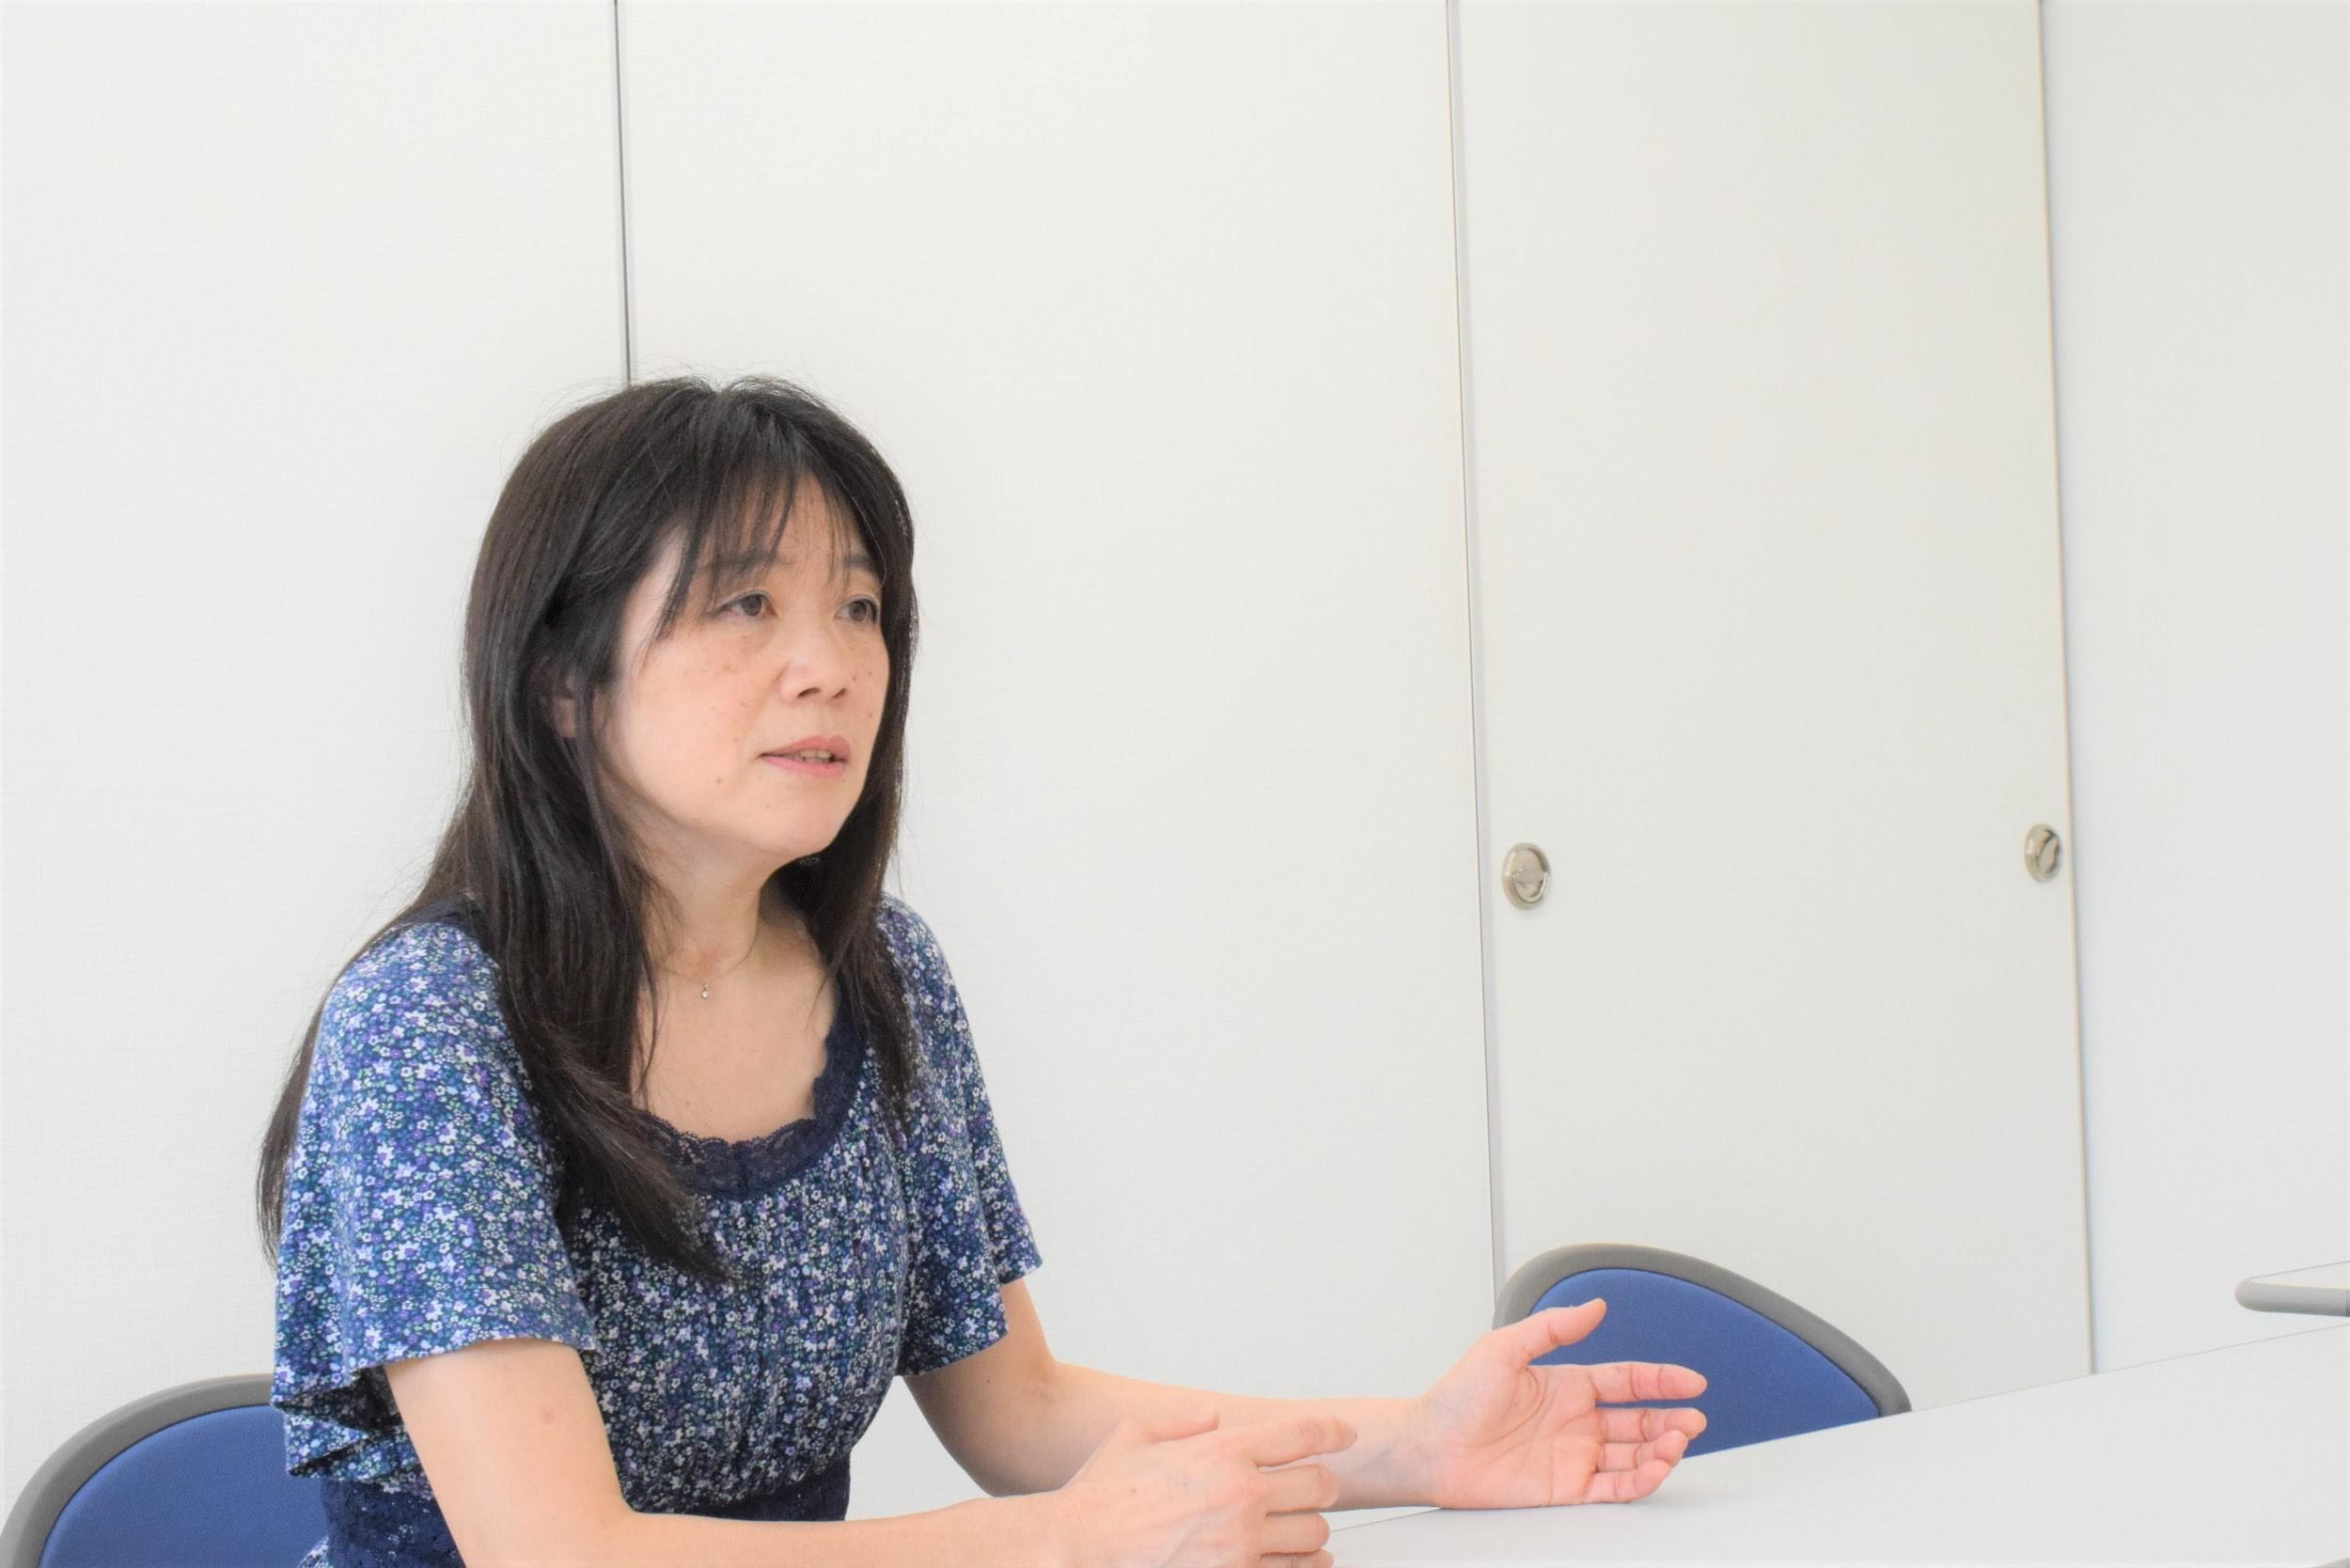 みんなが安心してくらせる「心豊かな地域社会をつくりたい!」地域課題の改善をめざすセカンドリーグ神奈川 事務局次長・六角 薫さんインタビューの画像